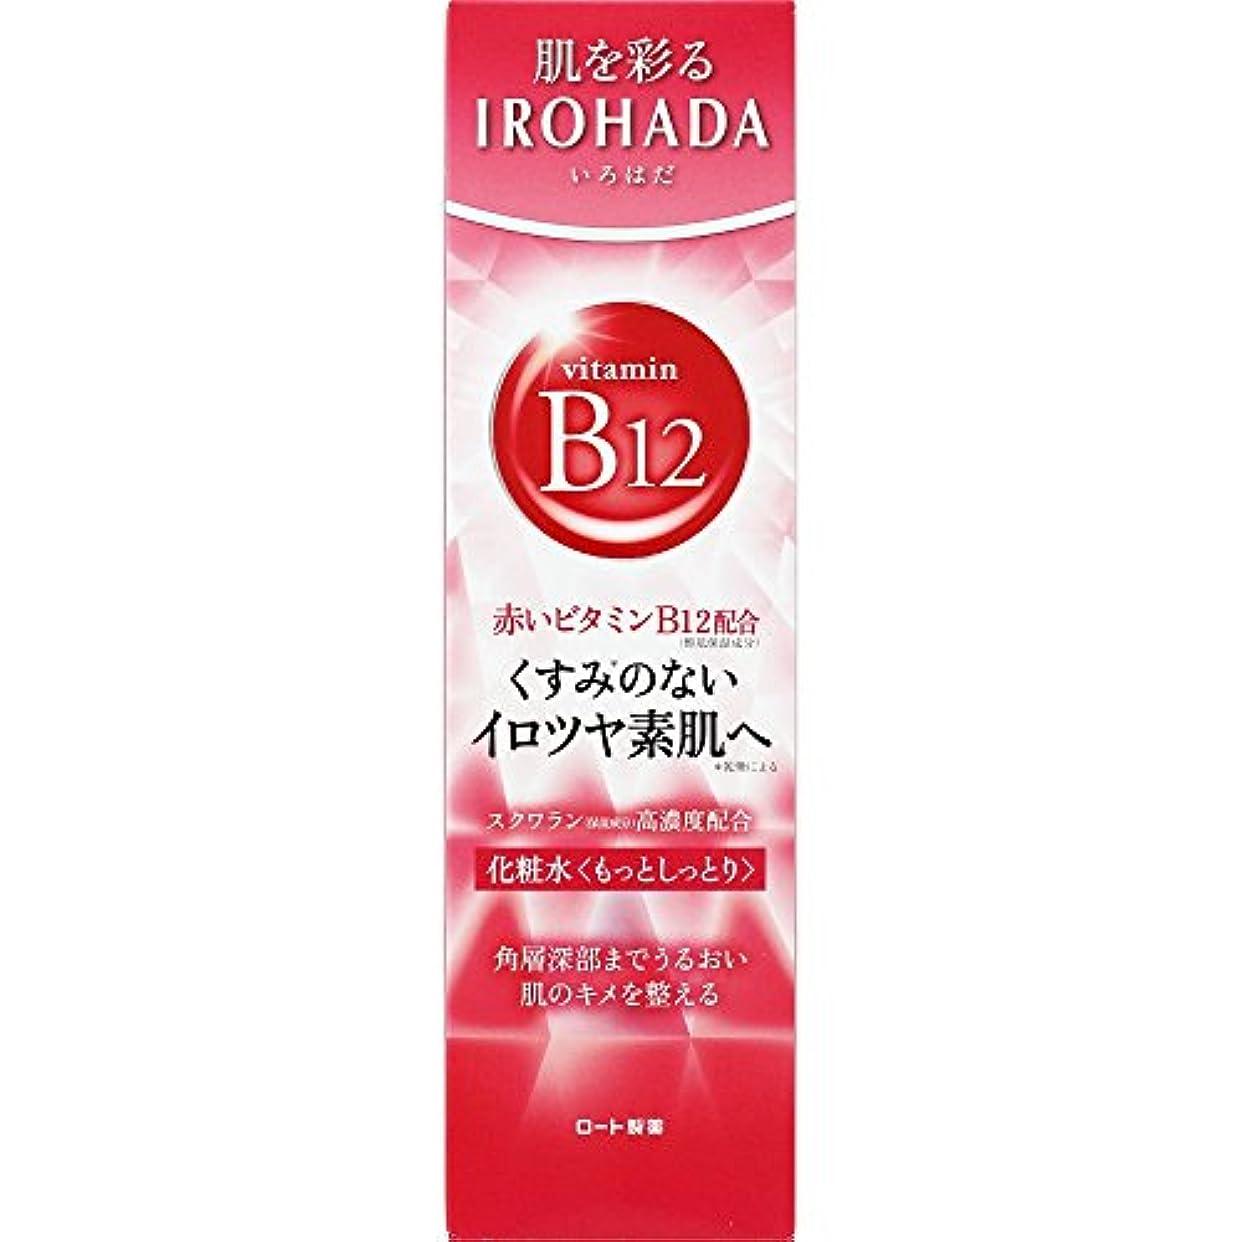 着服居間店主ロート製薬 いろはだ (IROHADA) 赤いビタミンB12×スクワラン配合 化粧水もっとしっとり 160ml